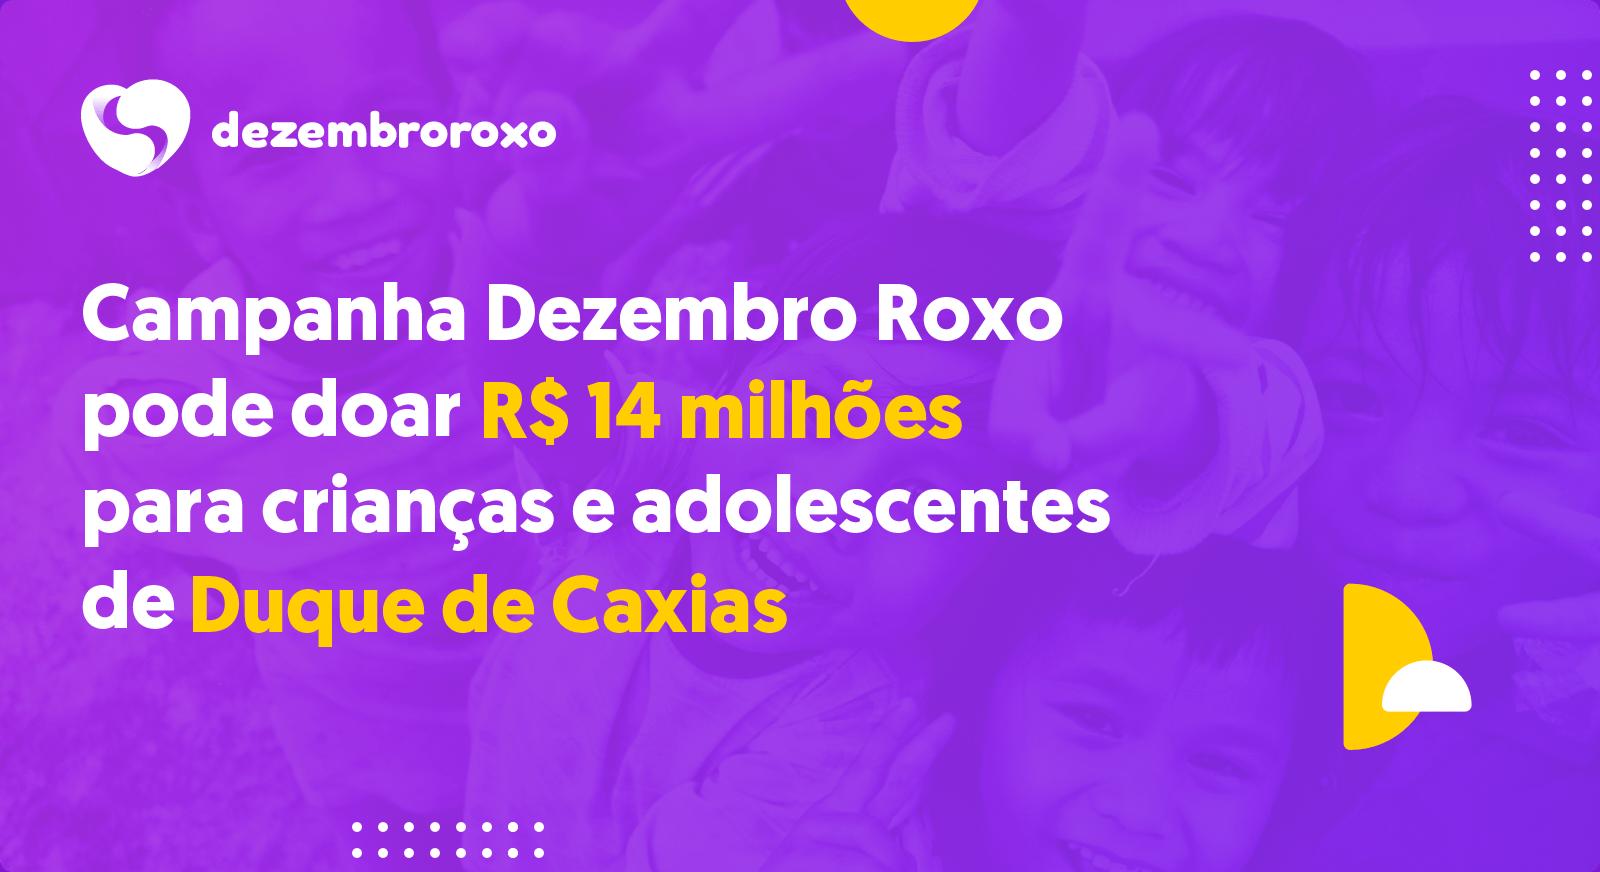 Doações em Duque de Caxias - RJ